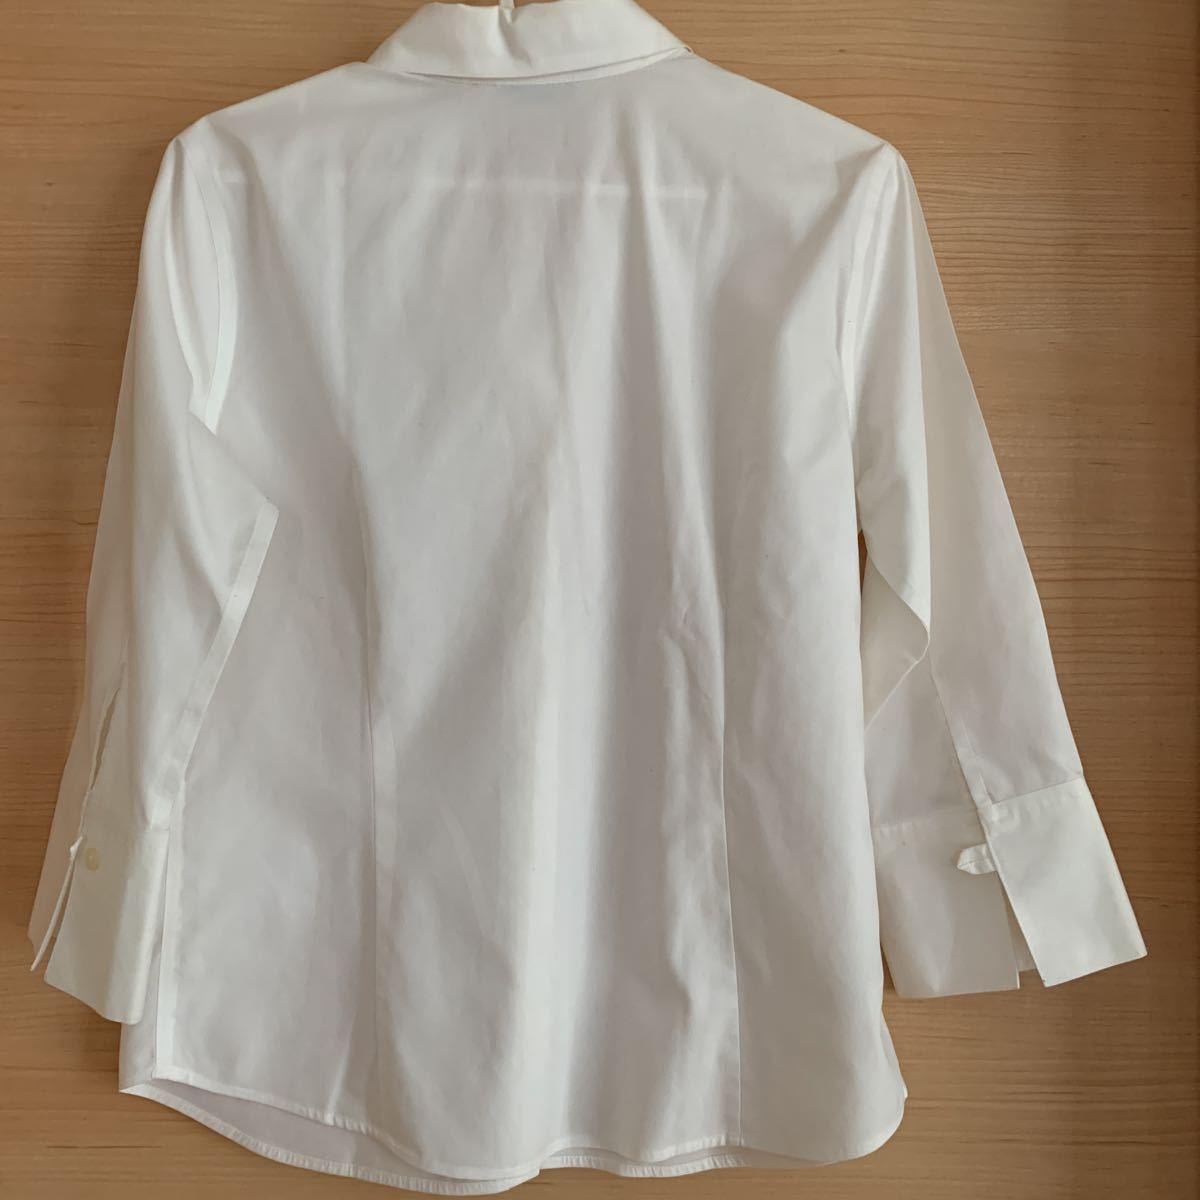 美品Eddie Bauerエディーバウアー白シャツ Sサイズ 7分丈 コットン100% 予備ボタン1個あり 冠婚葬祭 発表会